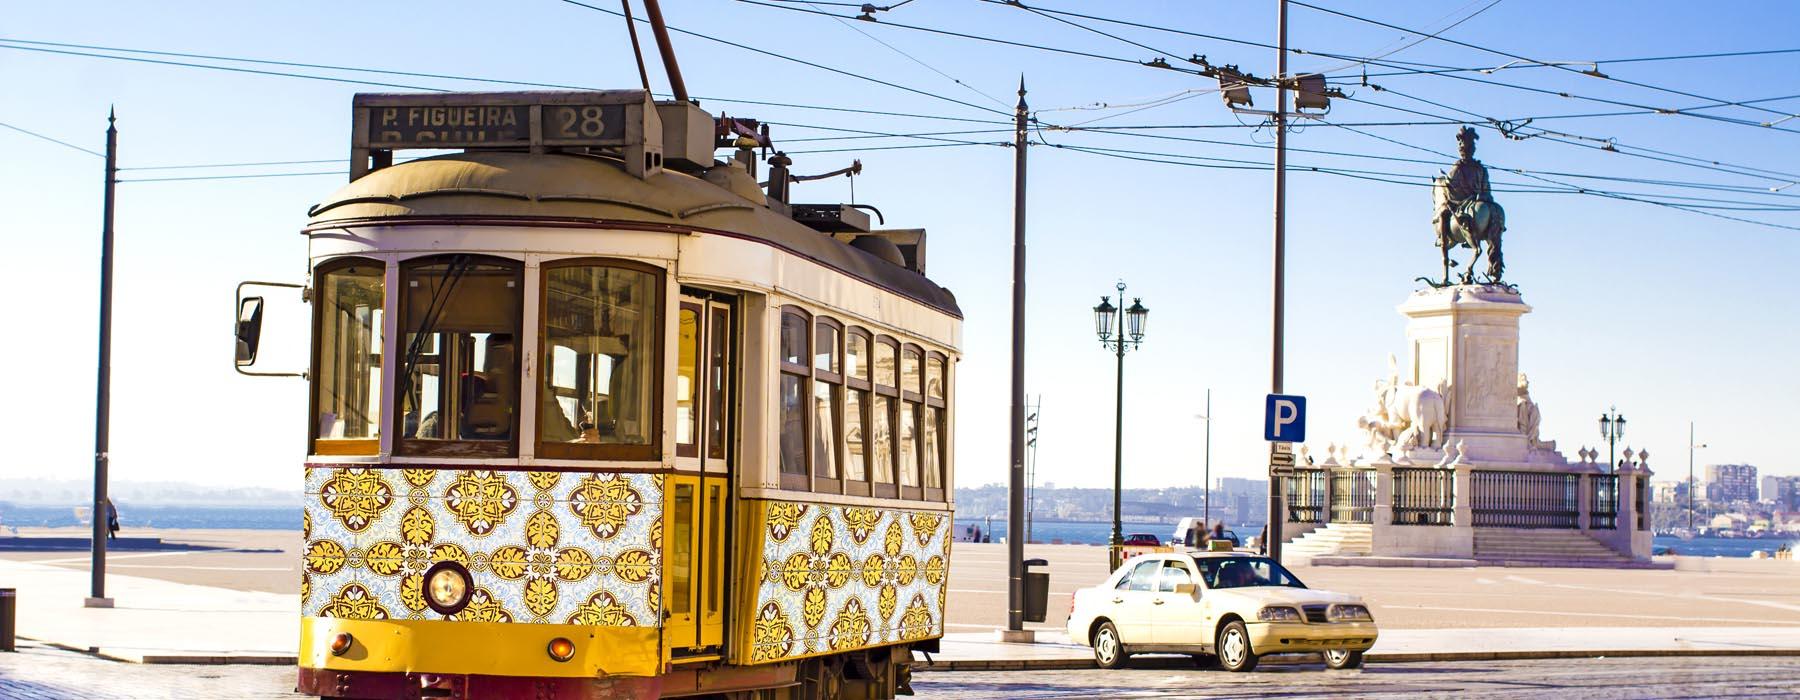 Visit Lisbon on tram